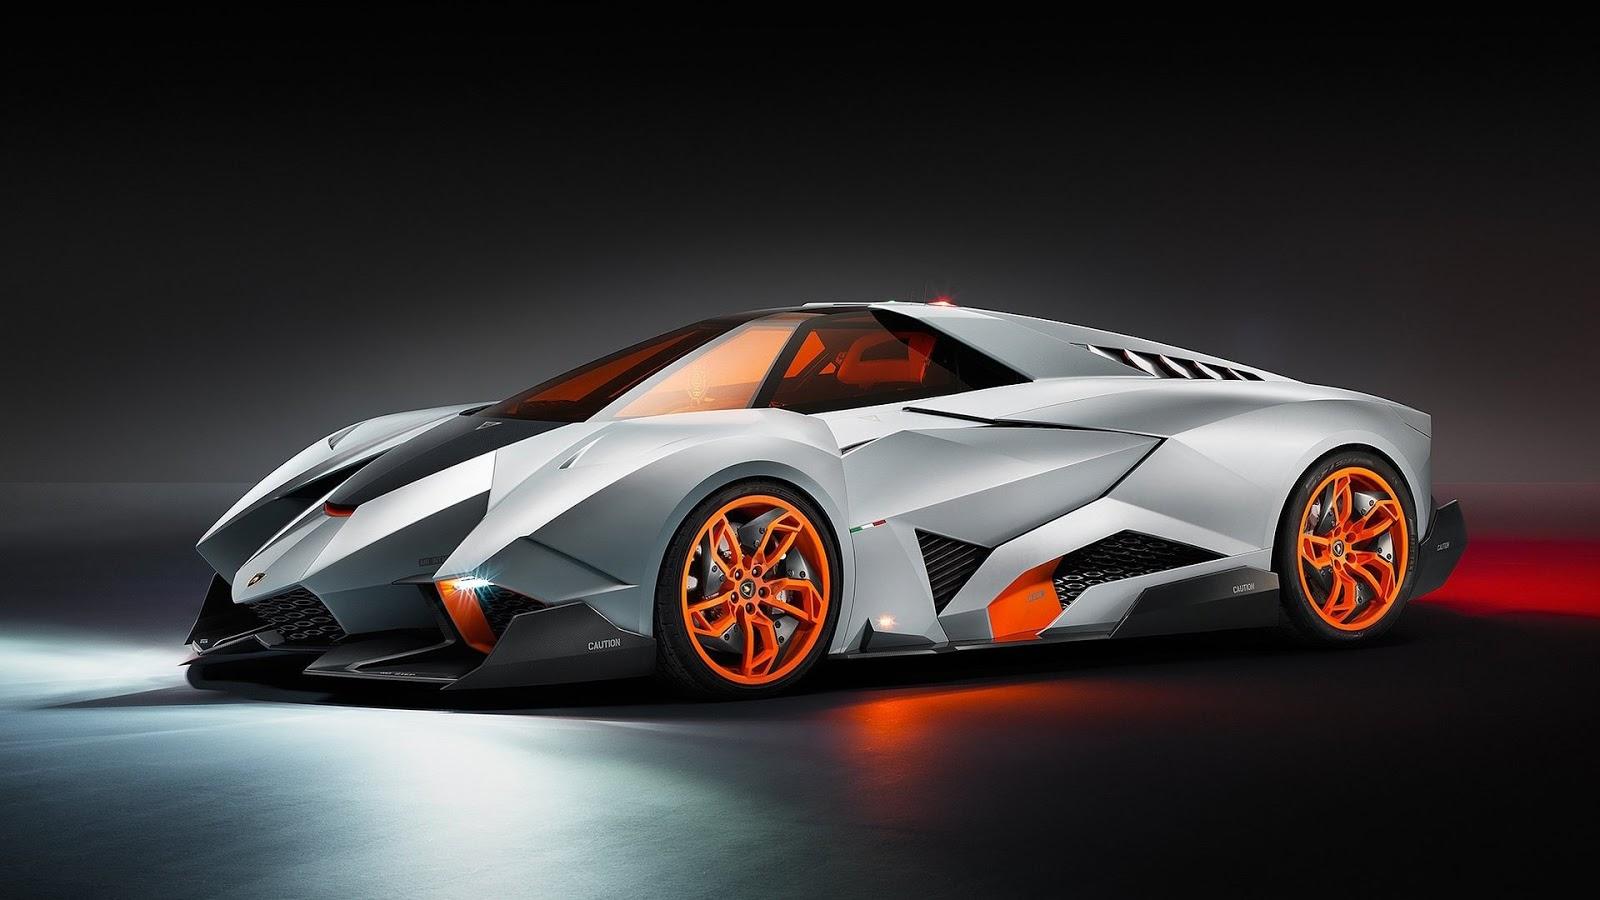 Image Result For Lamborghini Egoista Rc Car